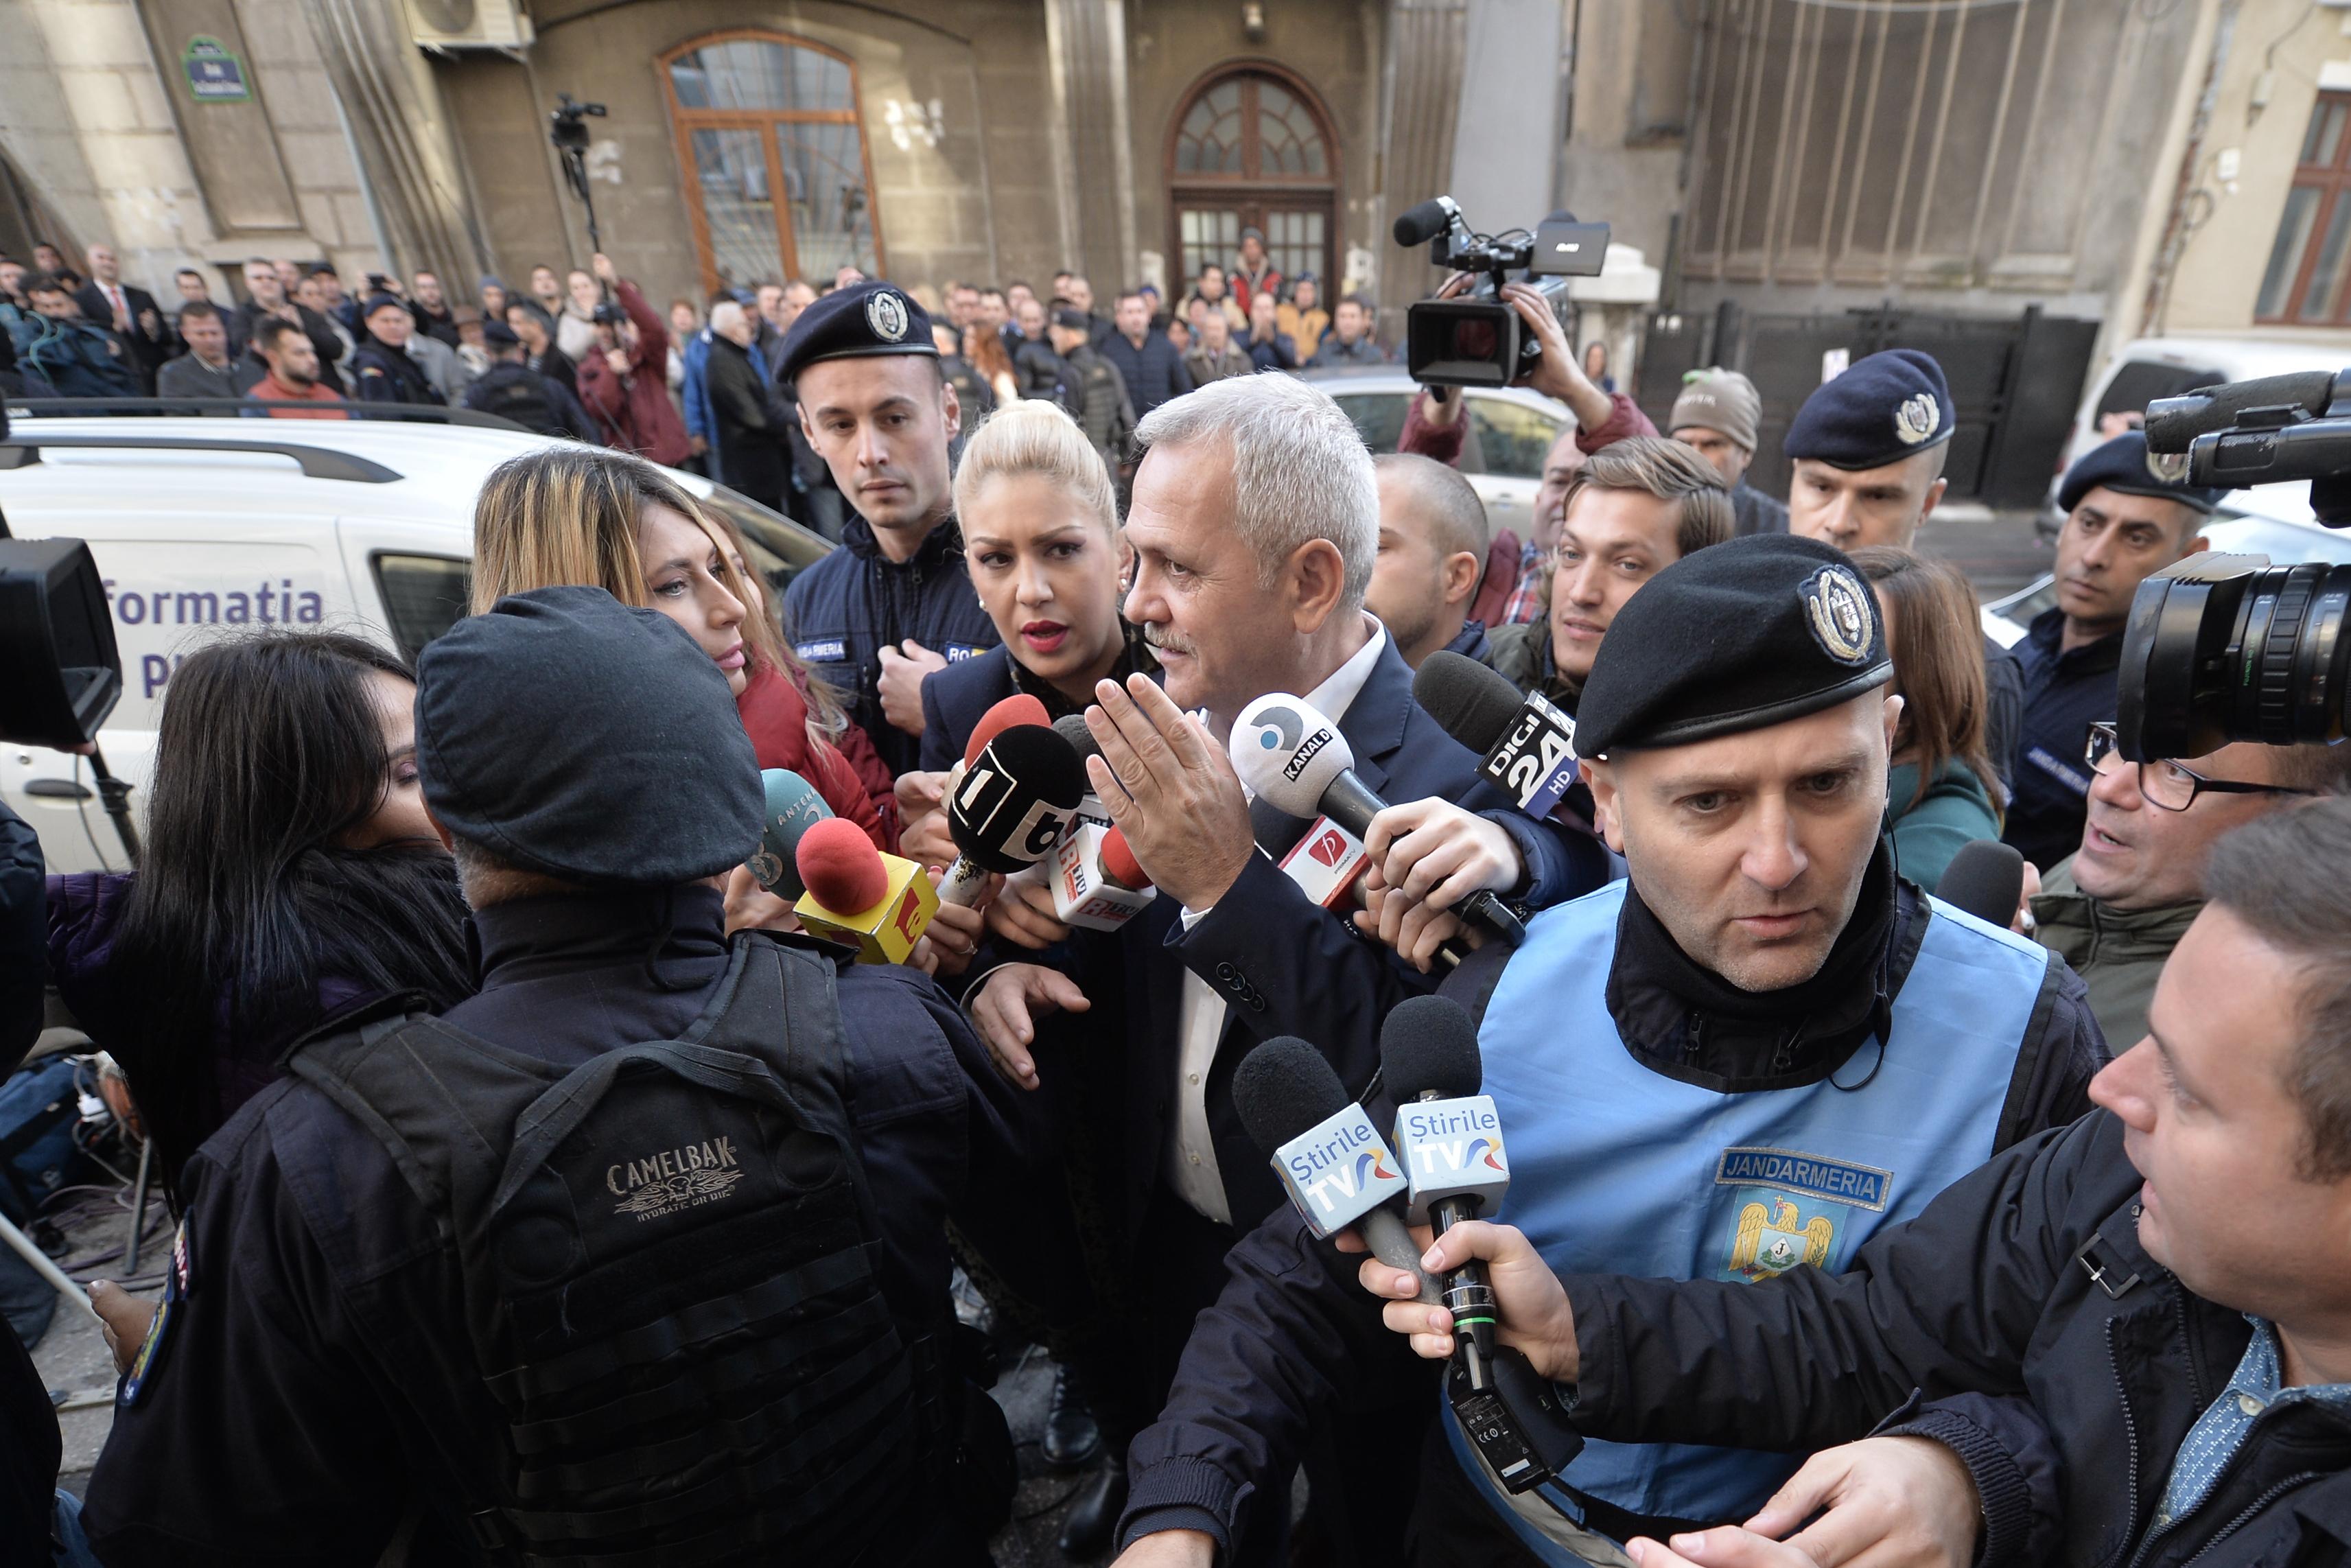 Liviu Dragnea, primit la DNA în aplauze şi huiduieli. Neacşu (PSD): Cred că orice persoană chemată la un for represiv are nevoie de sprijin